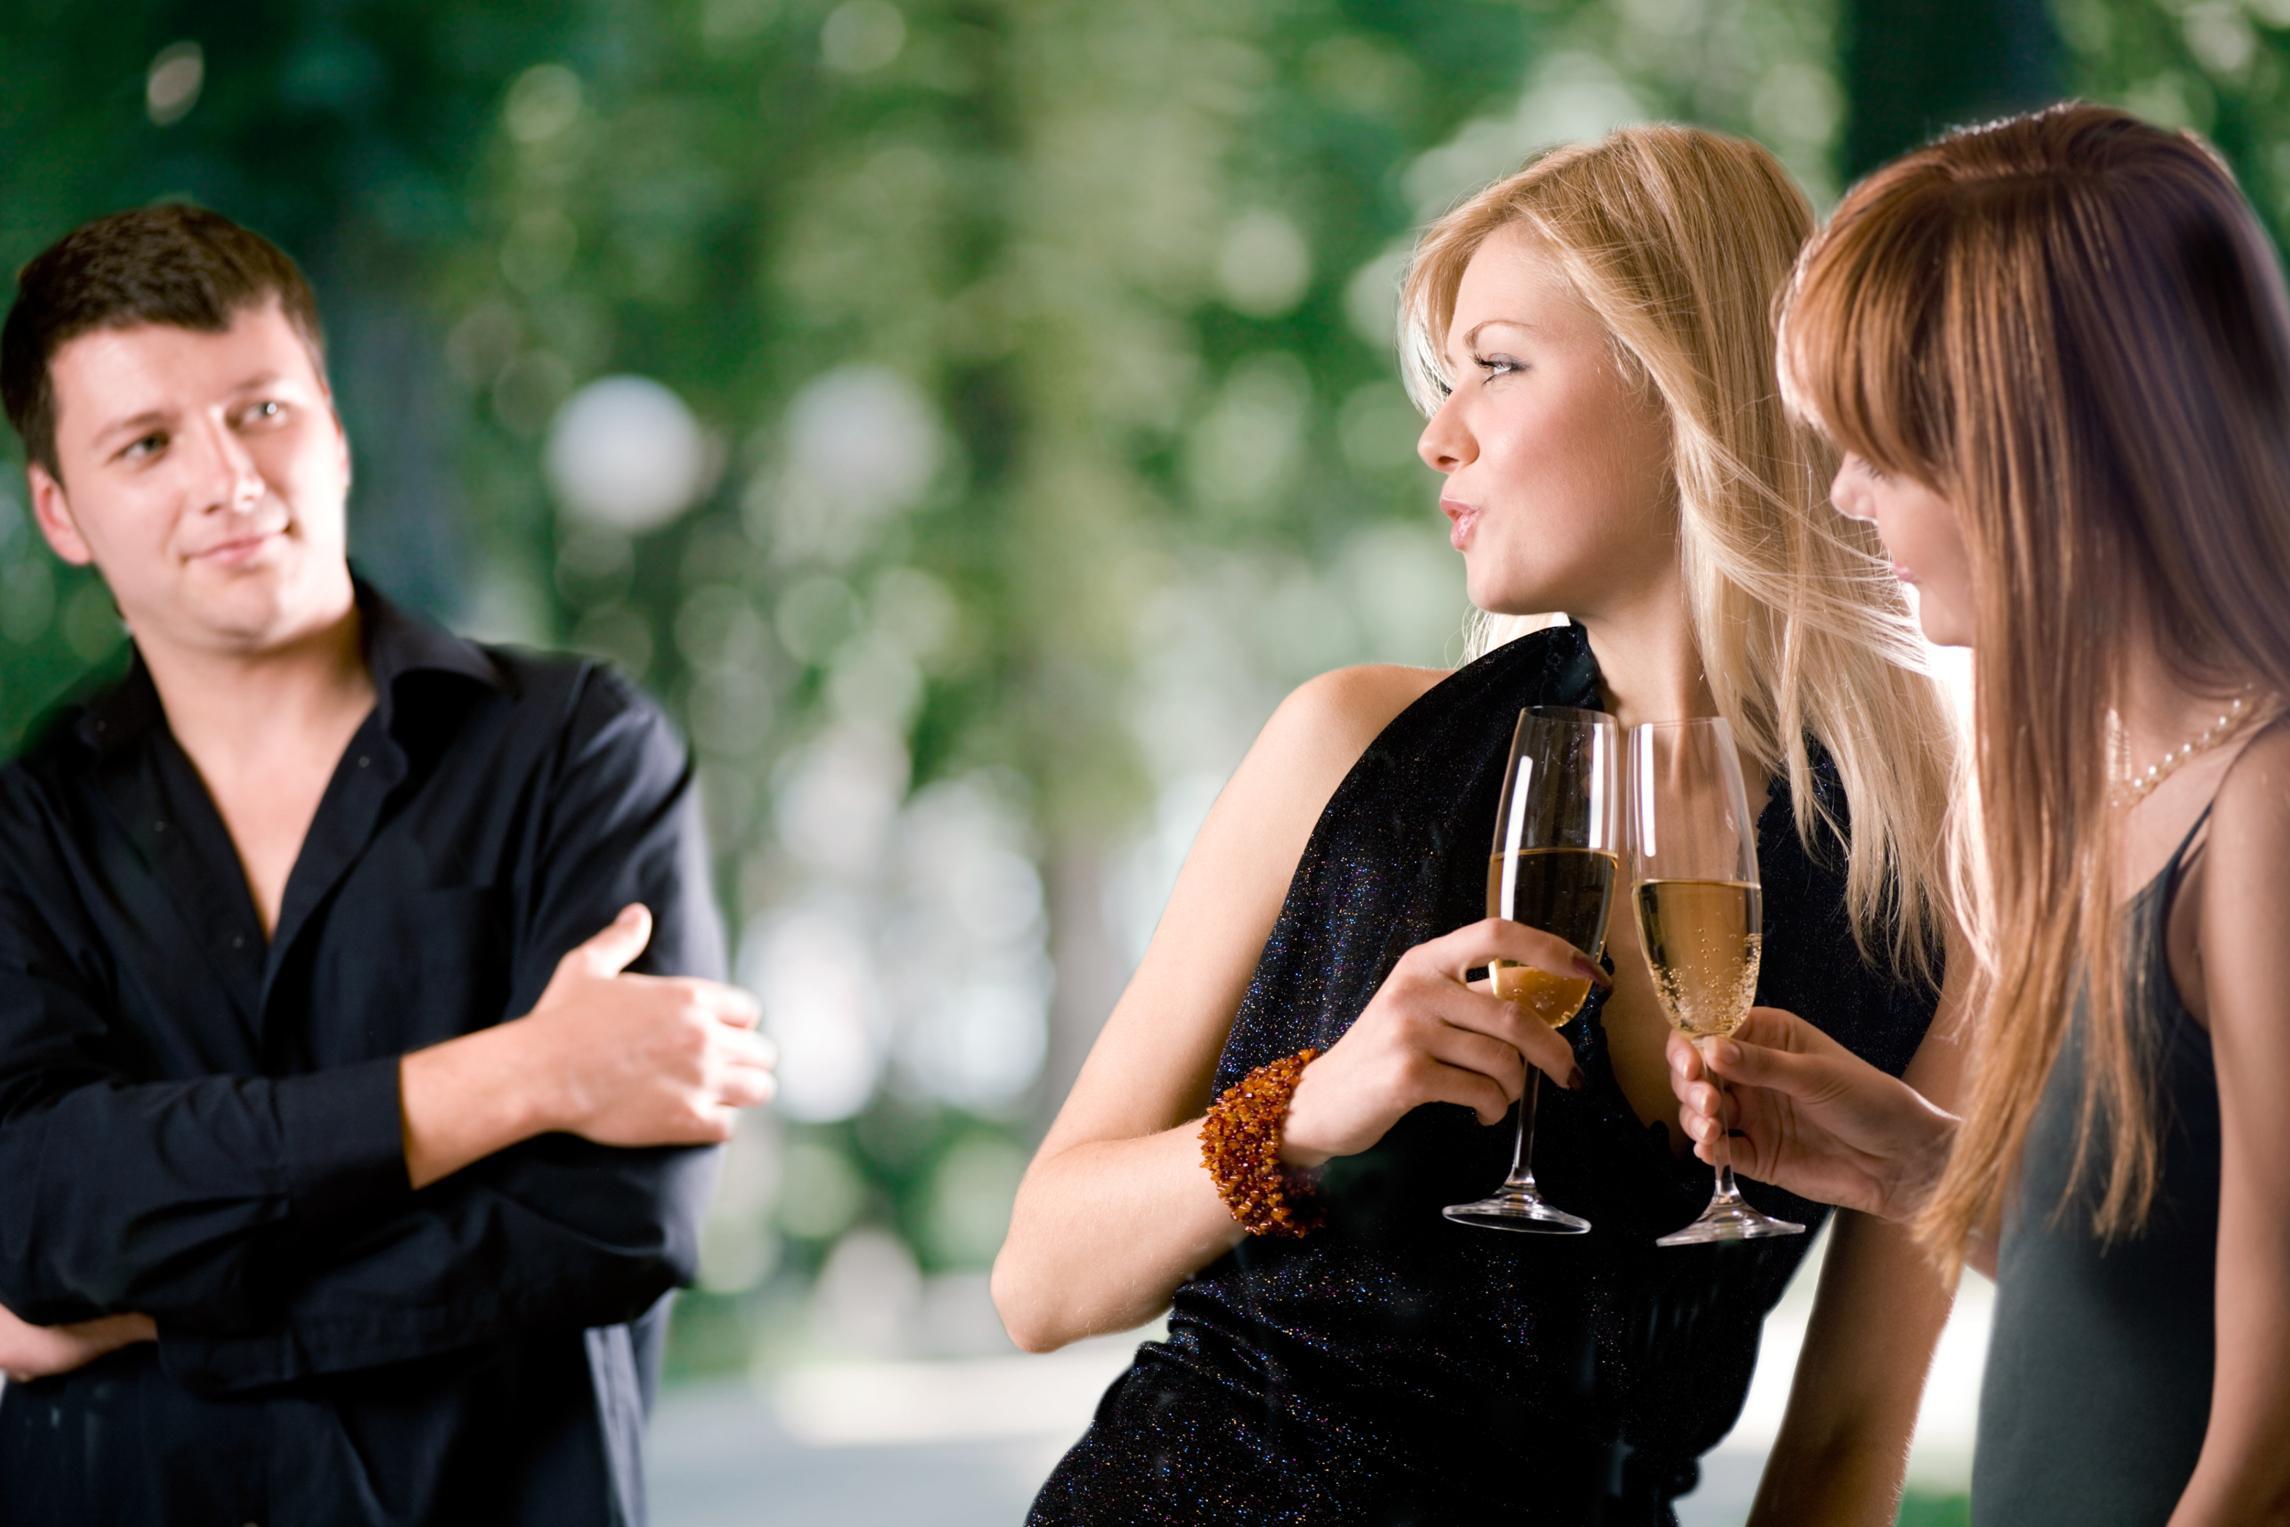 Женщины понизили голос при выборе партнера в условиях высокой конкуренции